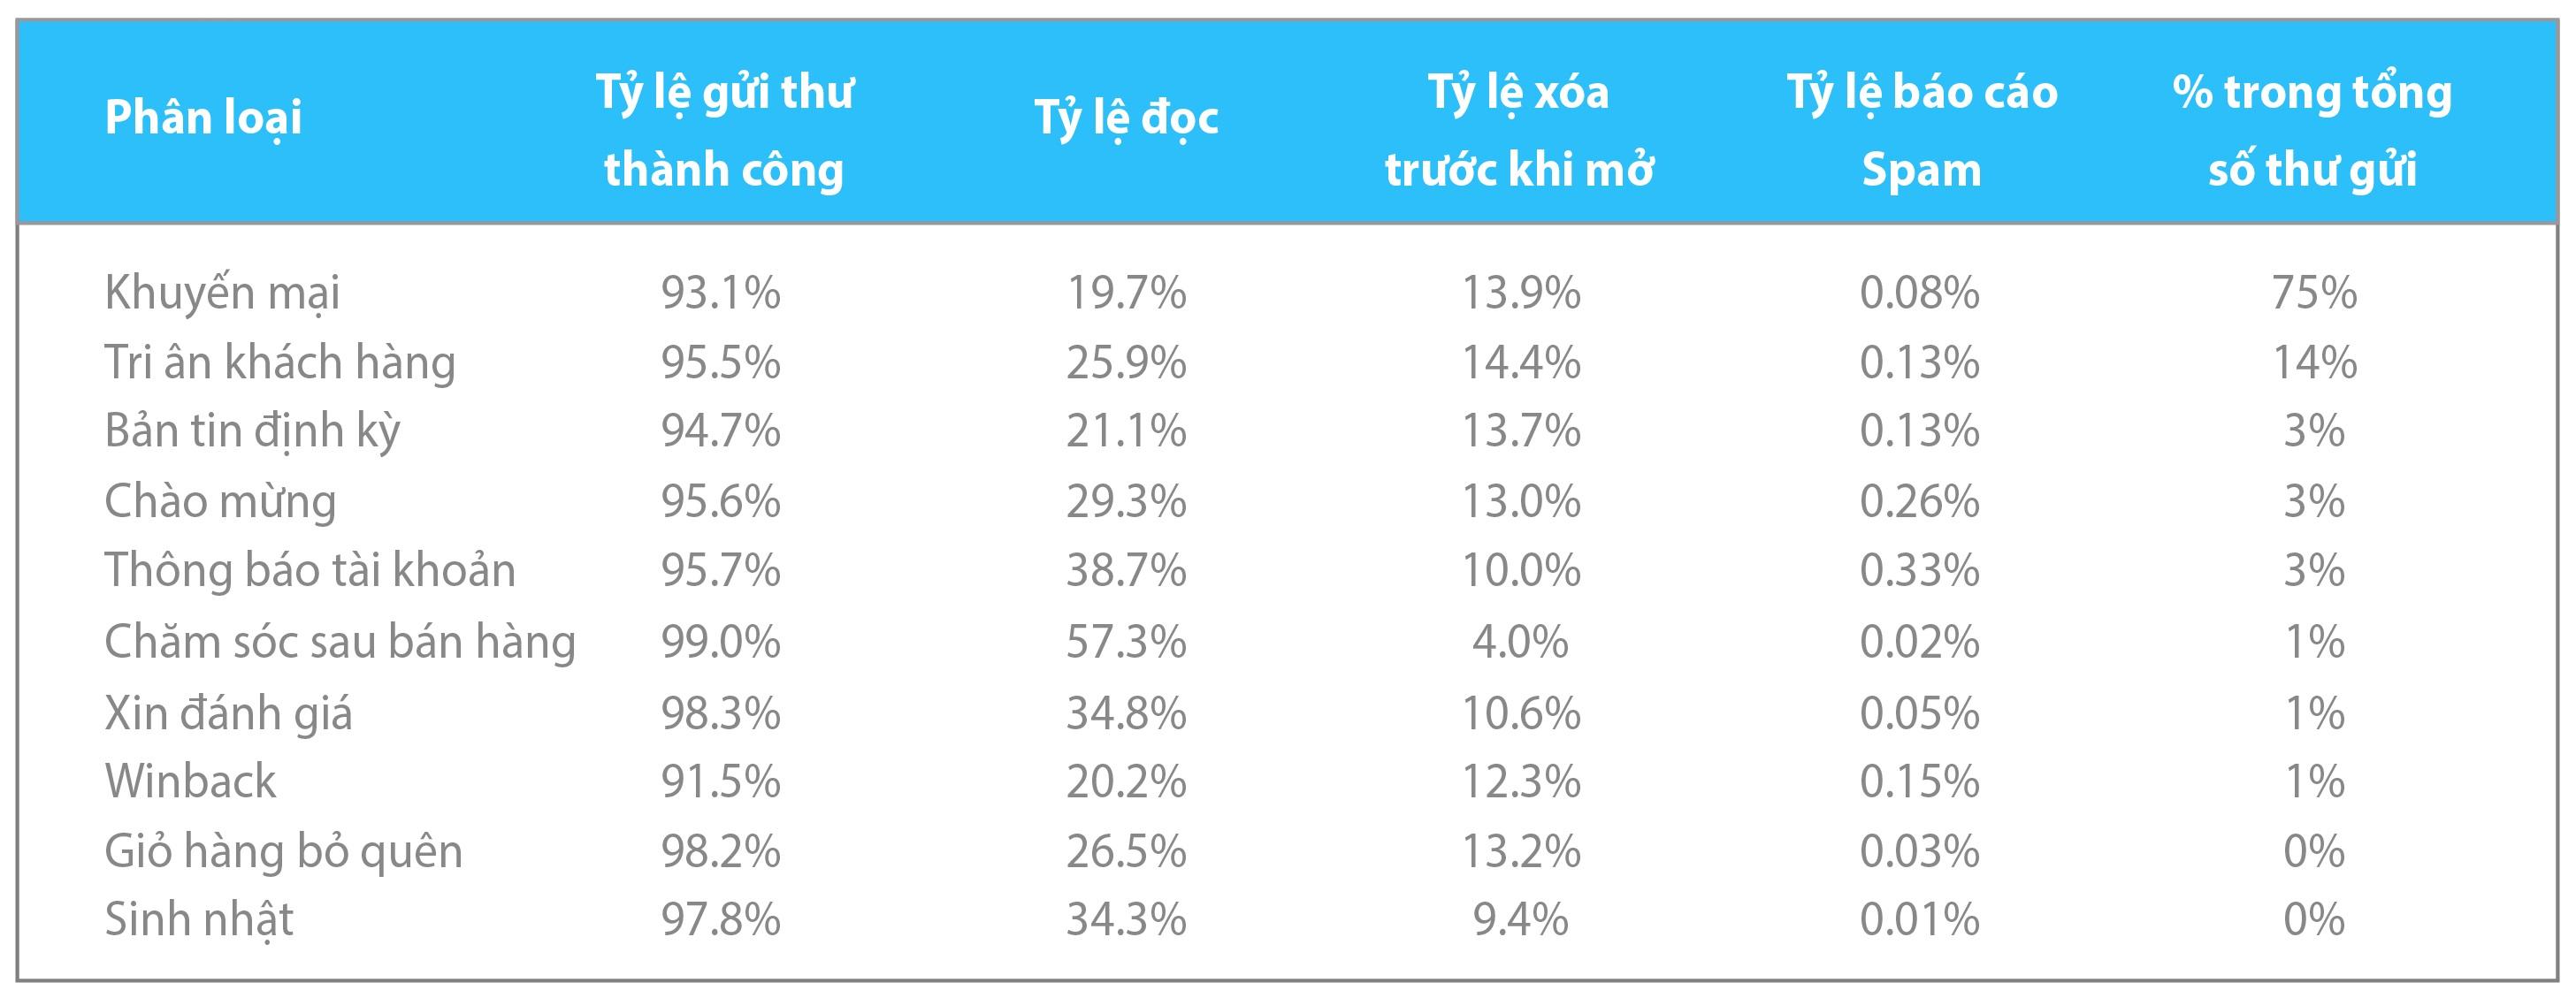 Bảng thống kê các thông số đo lường chiến dịch Email Marketing của các công ty du lịch